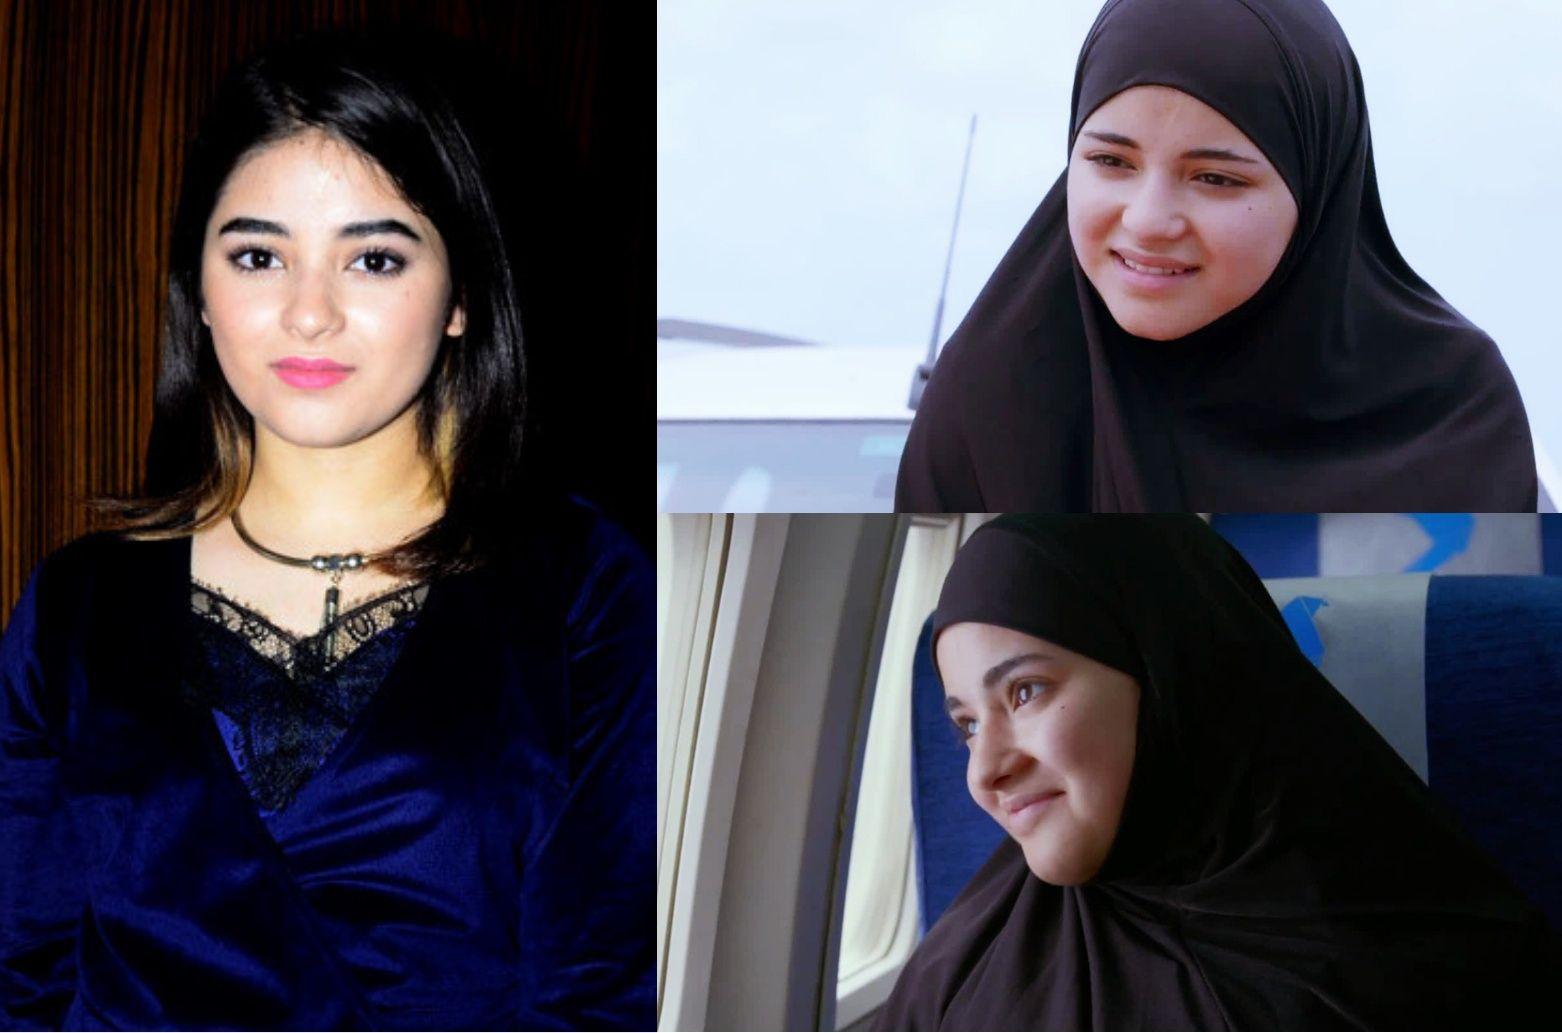 Zaira Wasim - Sana Khan